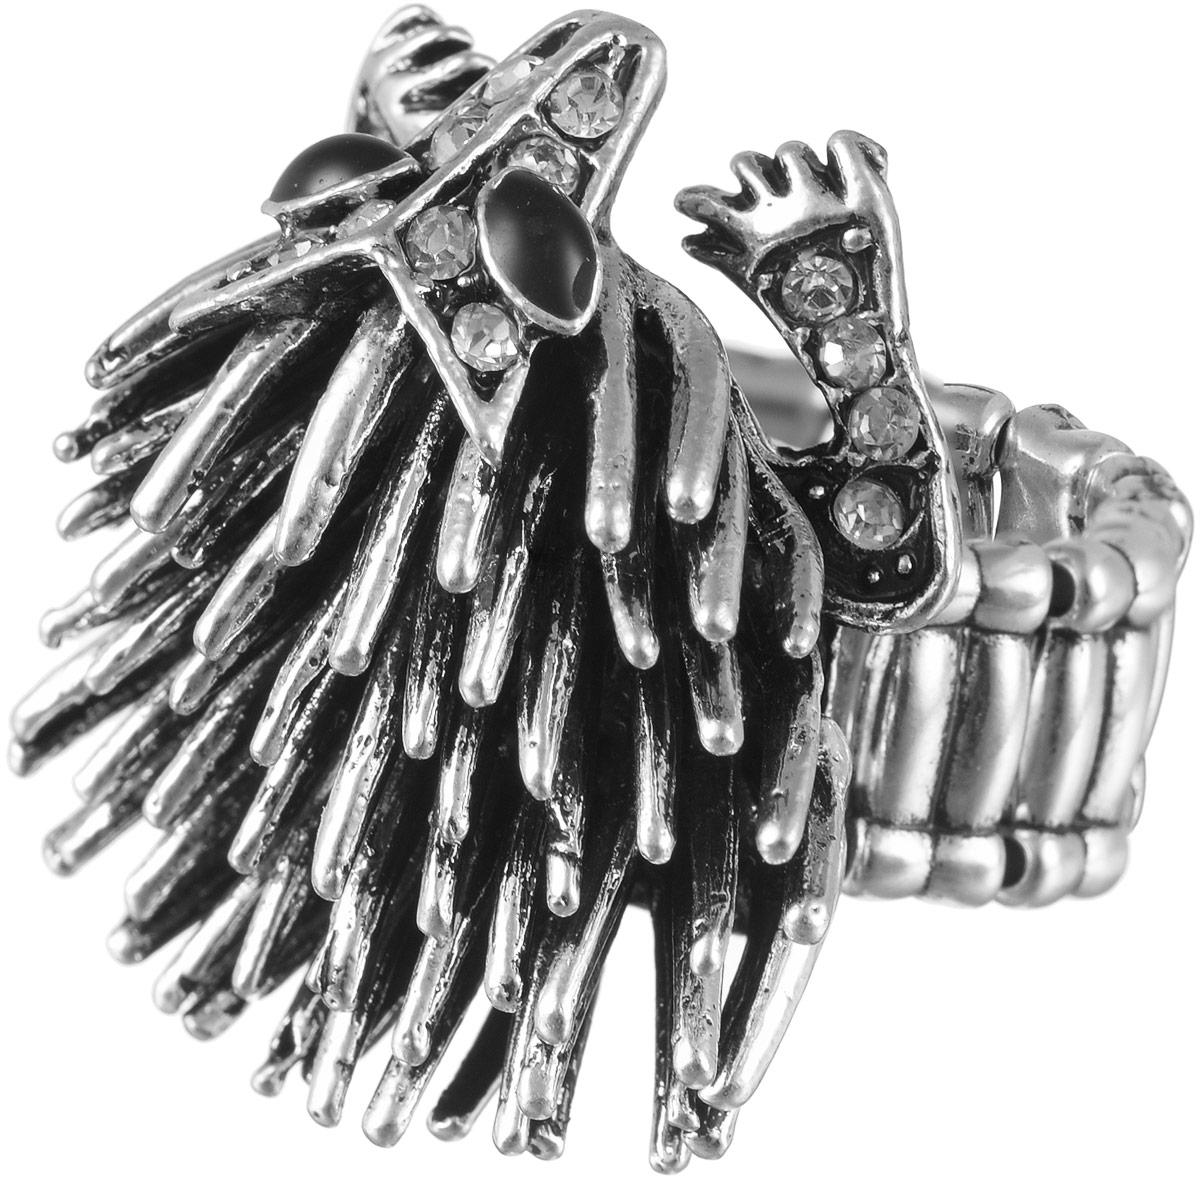 Кольцо женское Taya, цвет: серебристый. T-B-9257Коктейльное кольцоСтильное кольцо Taya выполнено из бижутерного сплава оформлено в виде дикобраза и дополнено стразами. Обхват кольца регулируется при помощи эластичной резиночки. Такое кольцо модного дизайна поможет создать уникальный и запоминающийся образ.